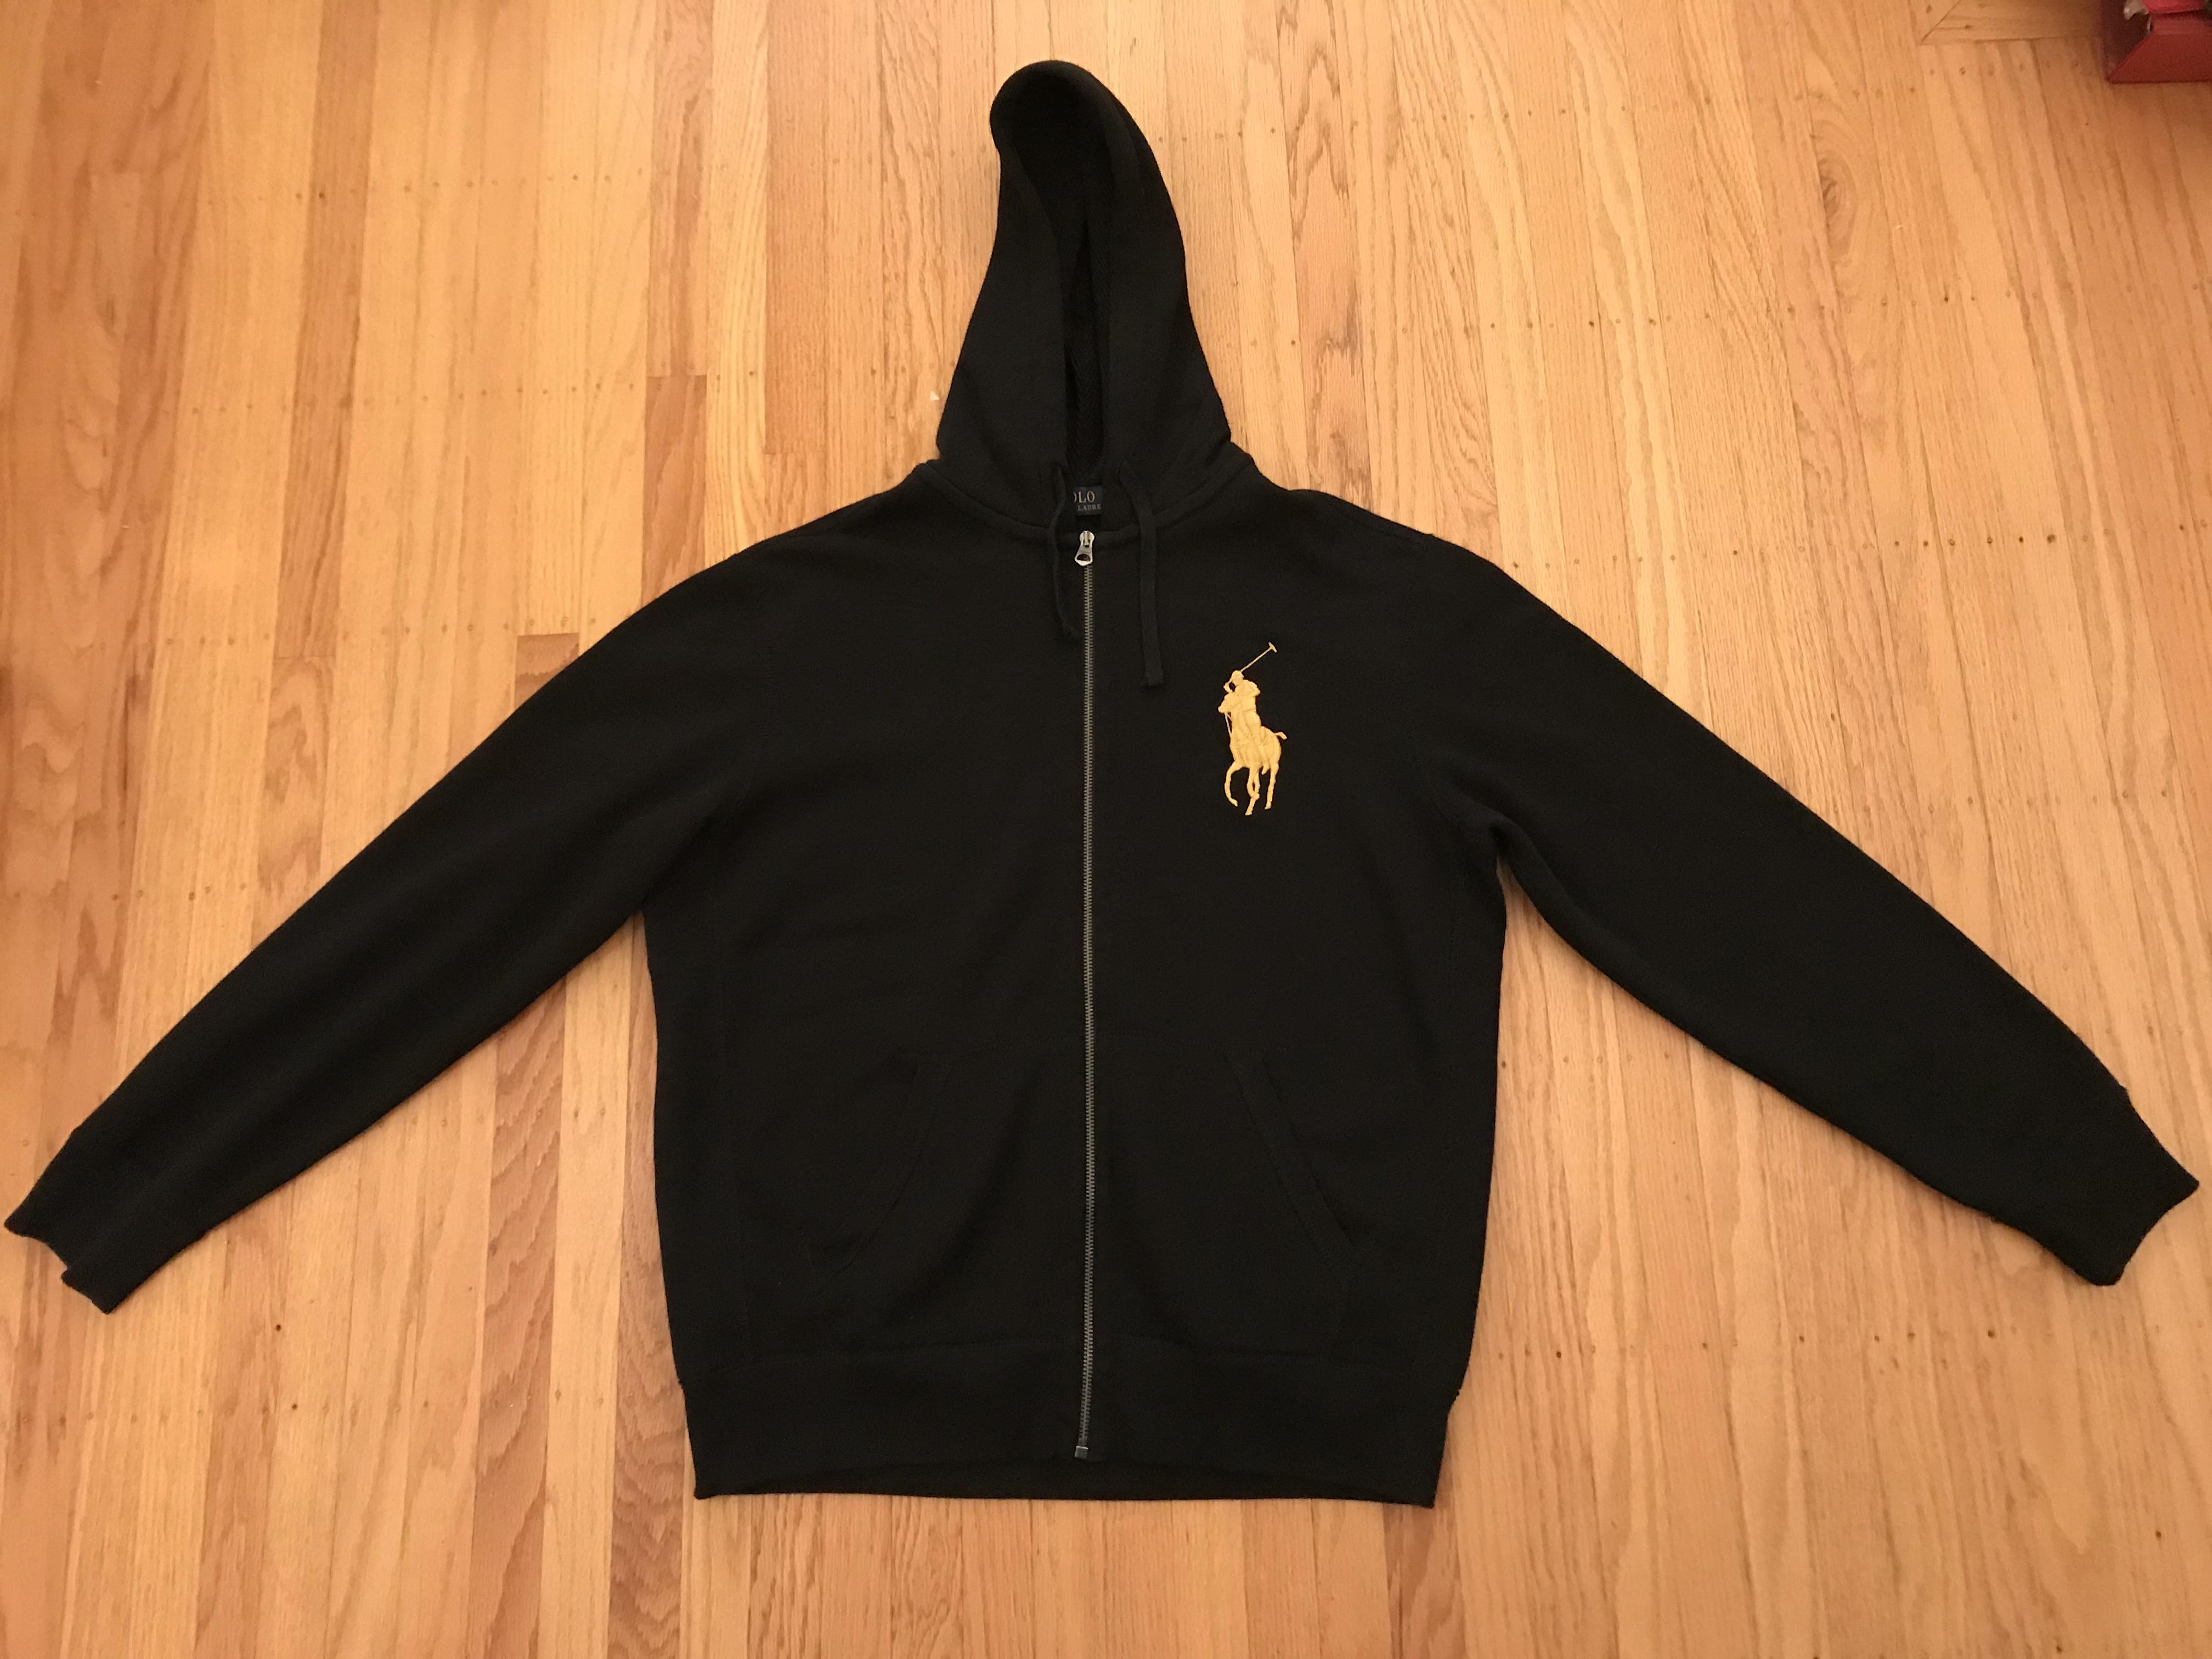 Polo Ralph Lauren Black Big Pony Full Zip Sweatshirt Track Suit NWT